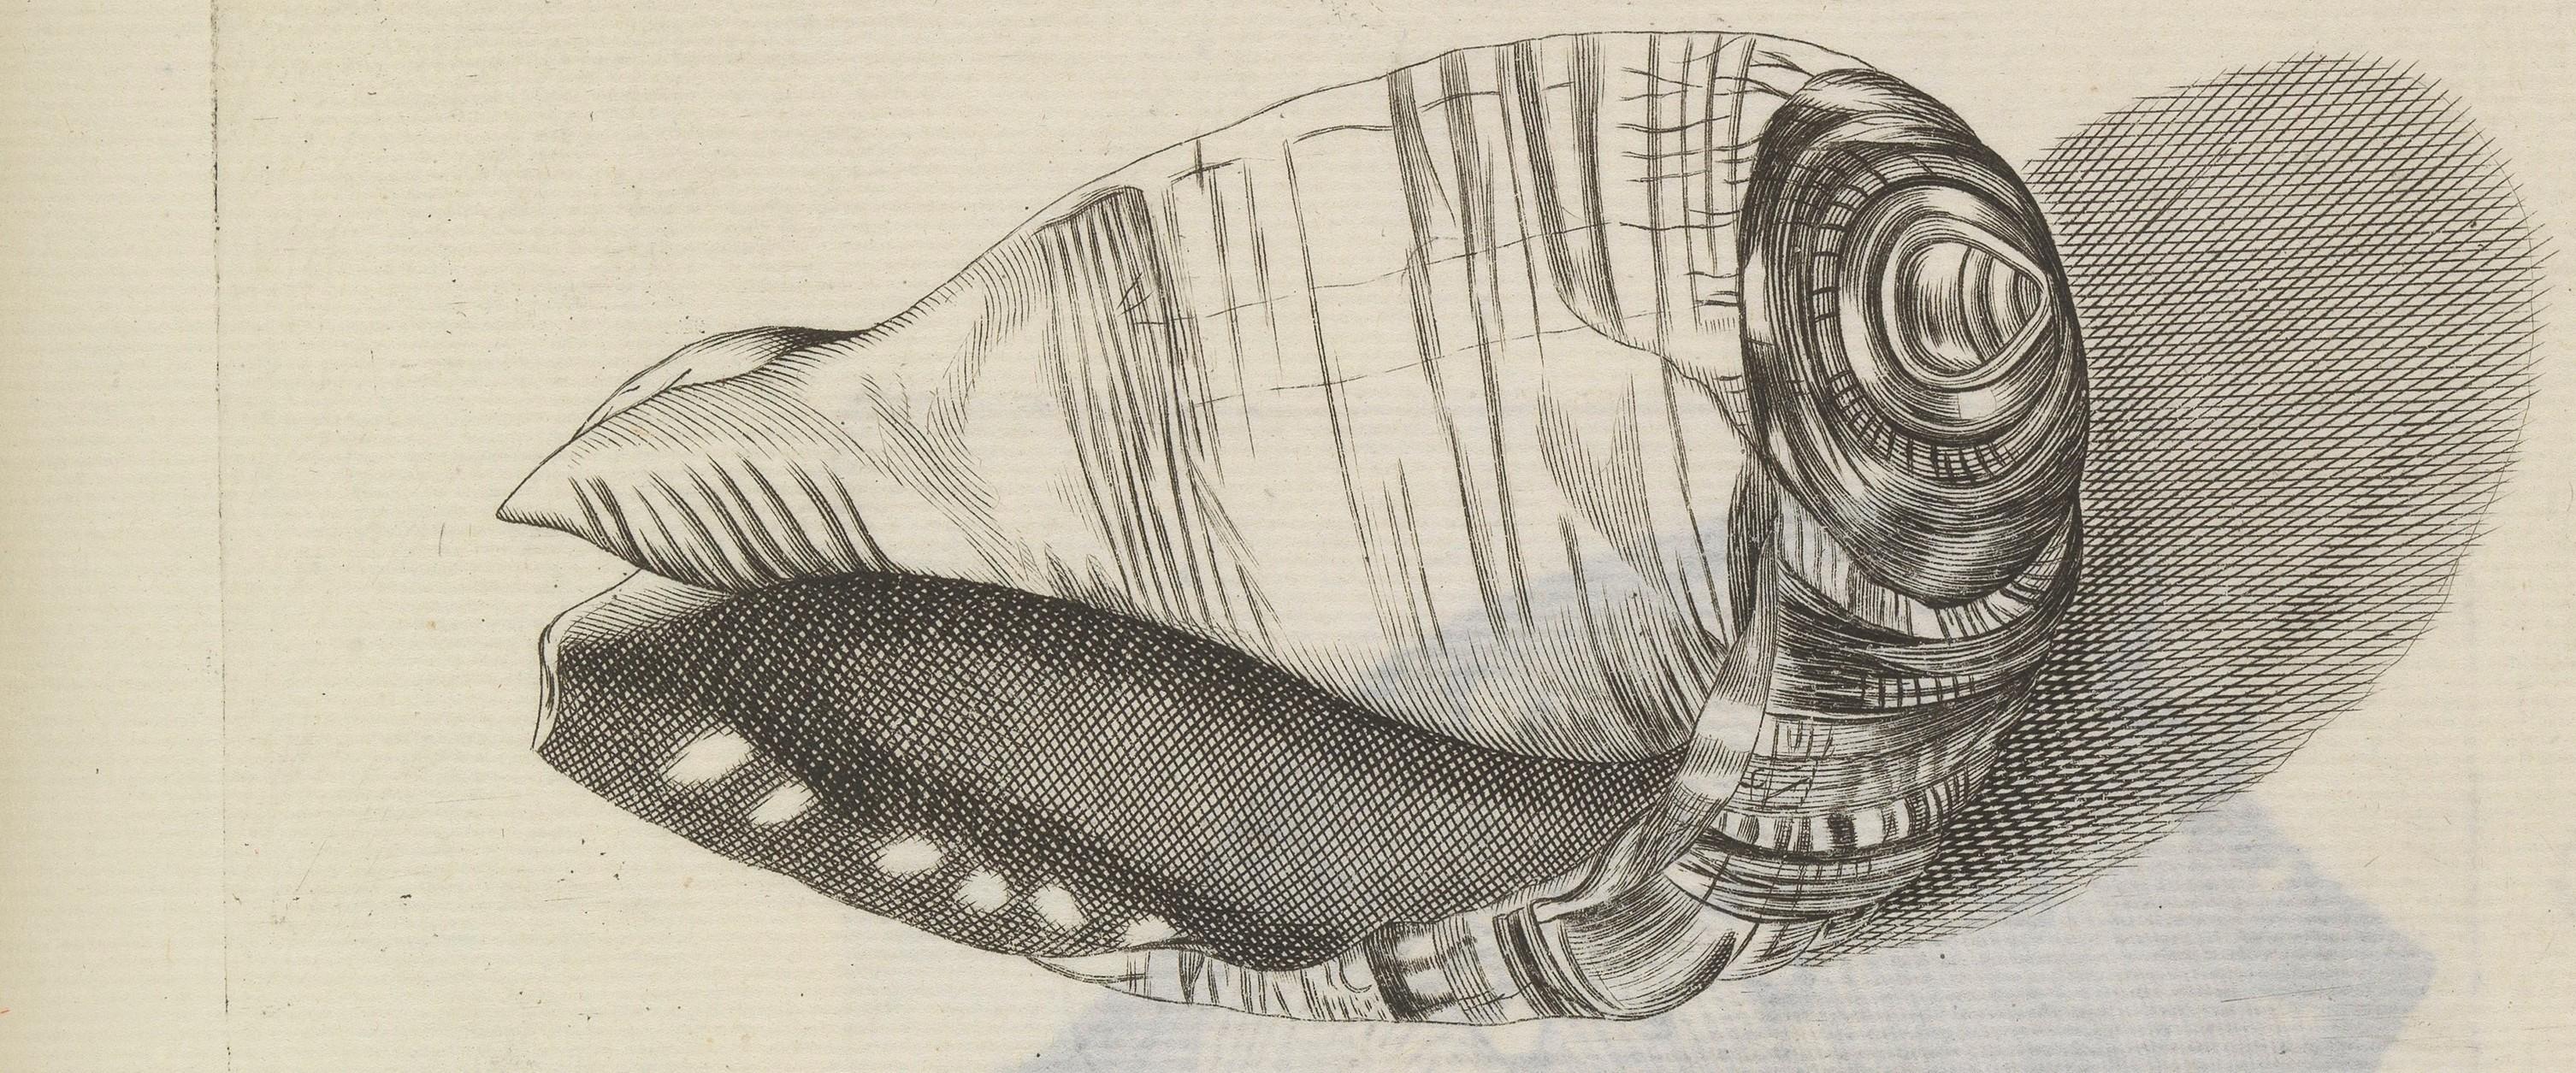 Las ilustraciones de Susanne y Anne Lister destacan por su rigurosidad científica y su precisión